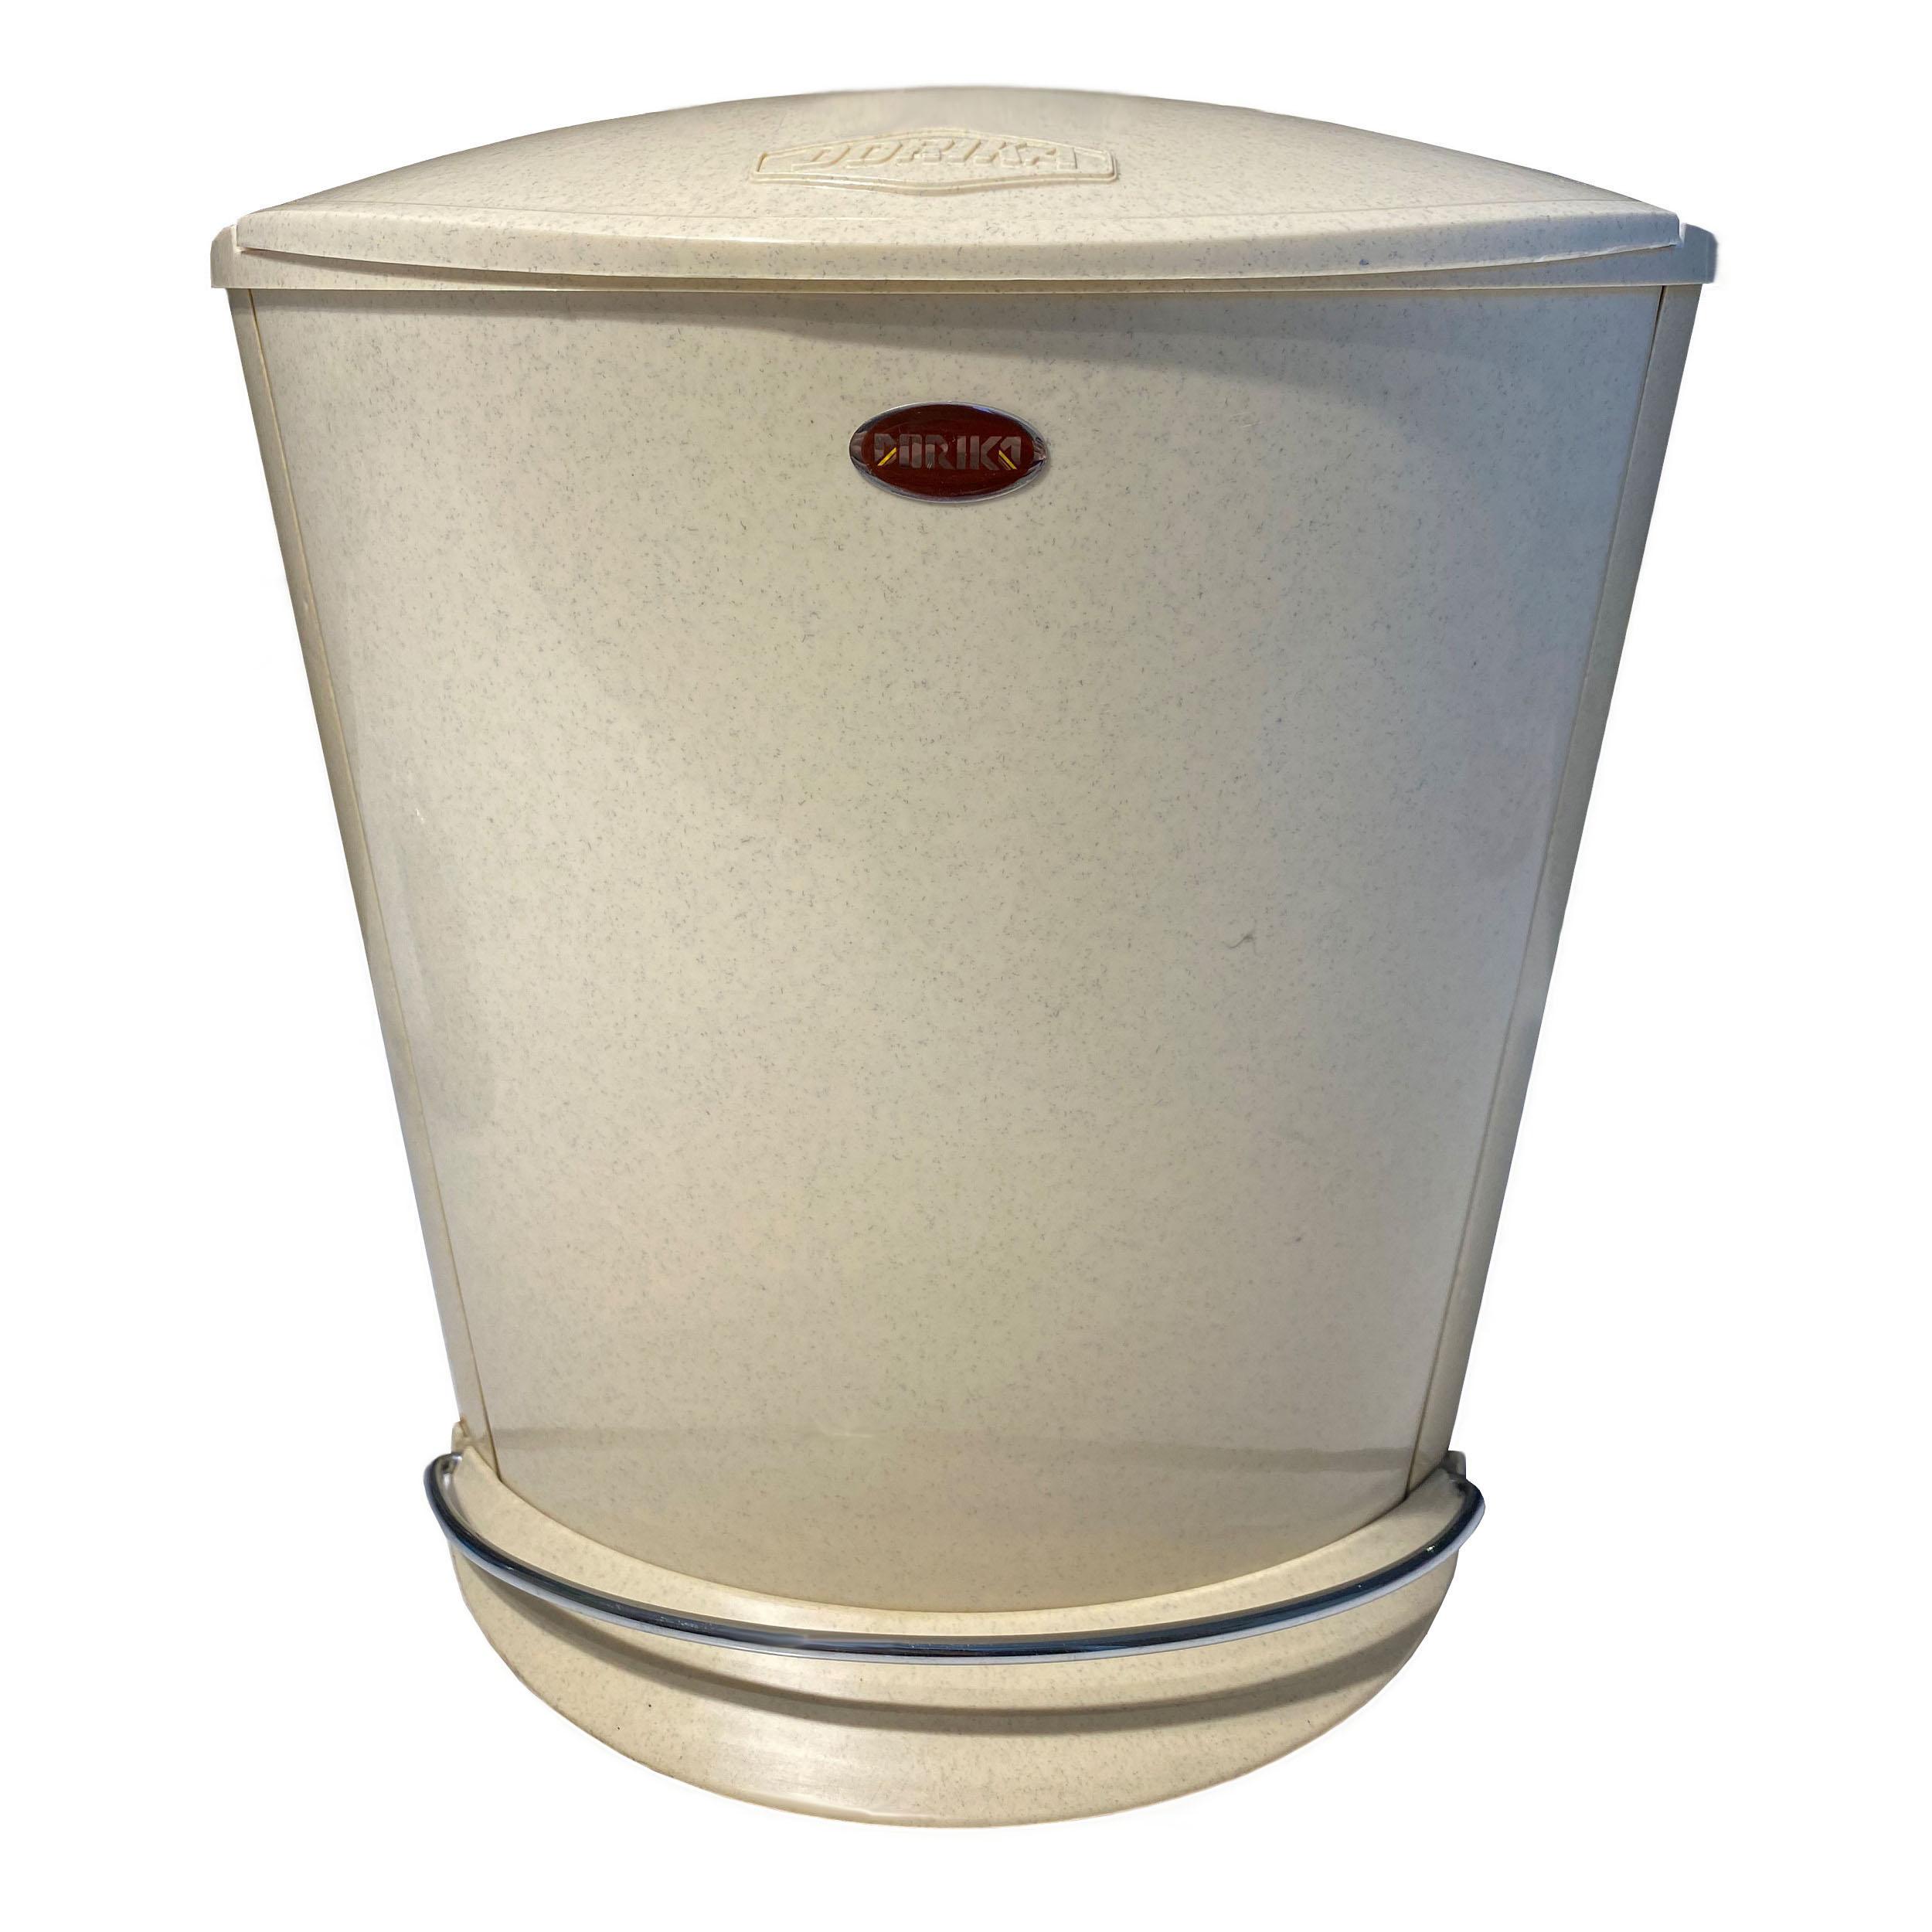 سطل زباله دوریکا مدل افرا کد 101 گنجایش 4 لیتر